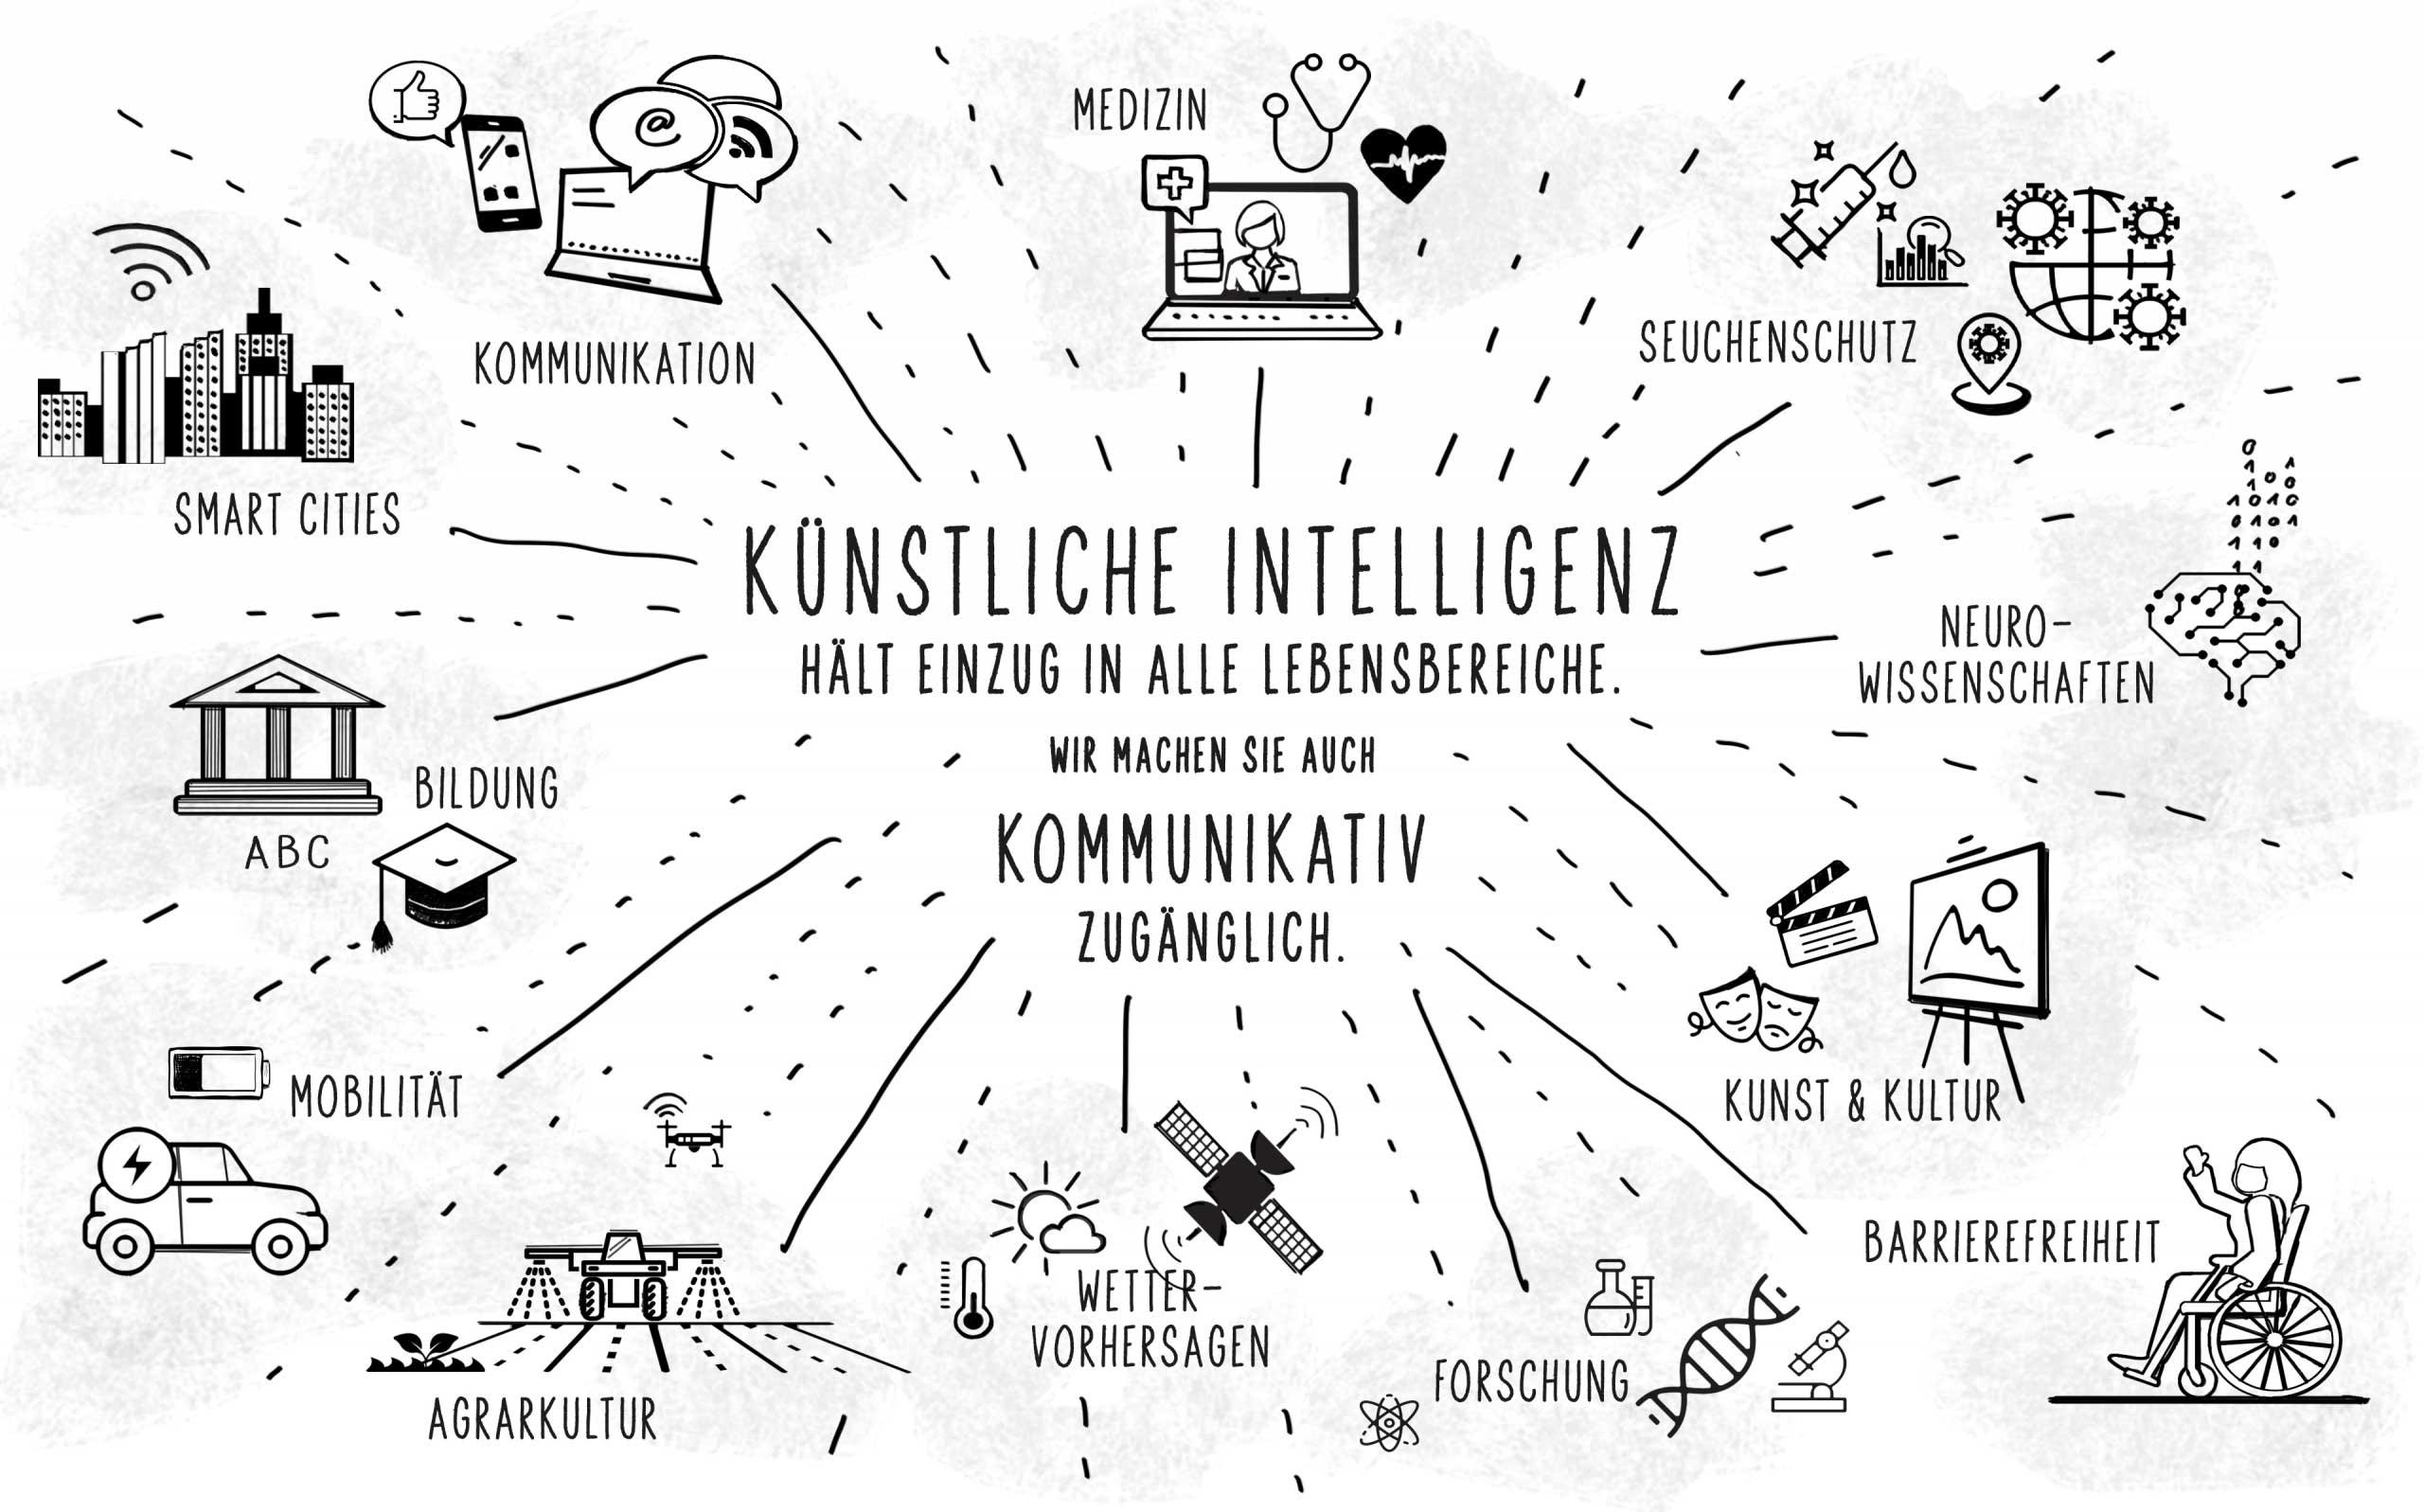 Künstliche Intelligenz im Alltag